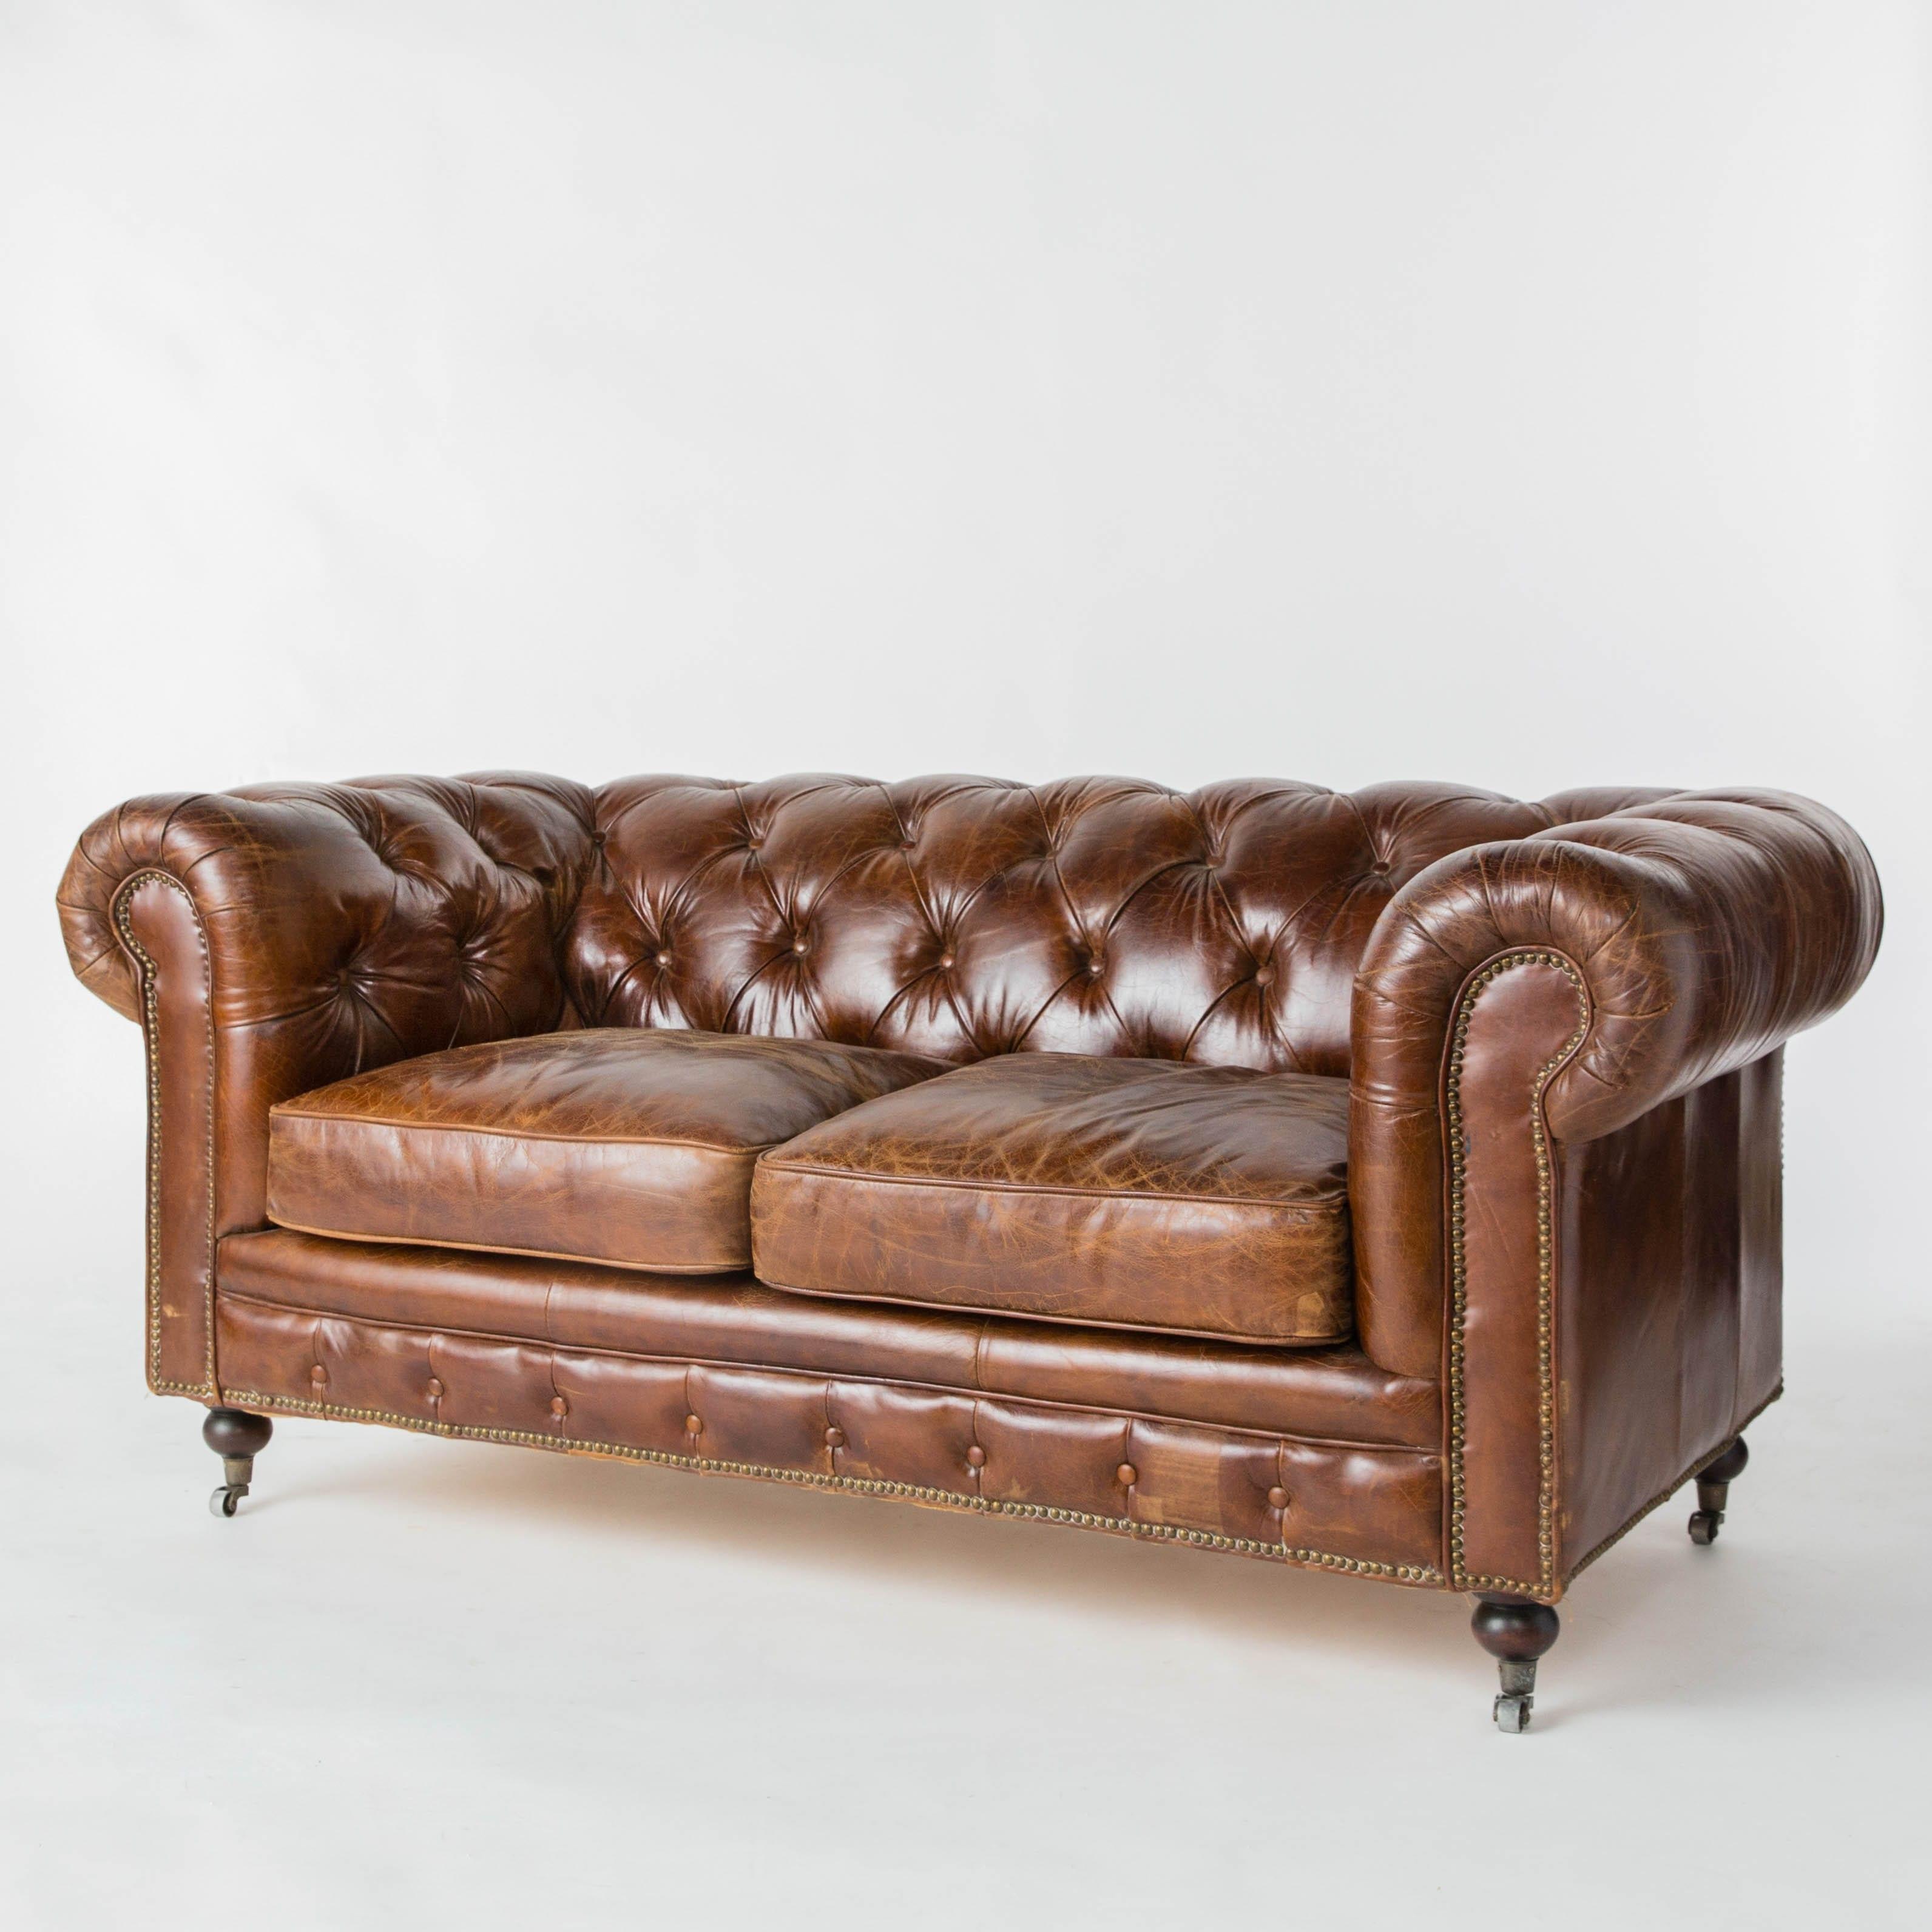 Carlisle Sofa Bed Taraba Home Review